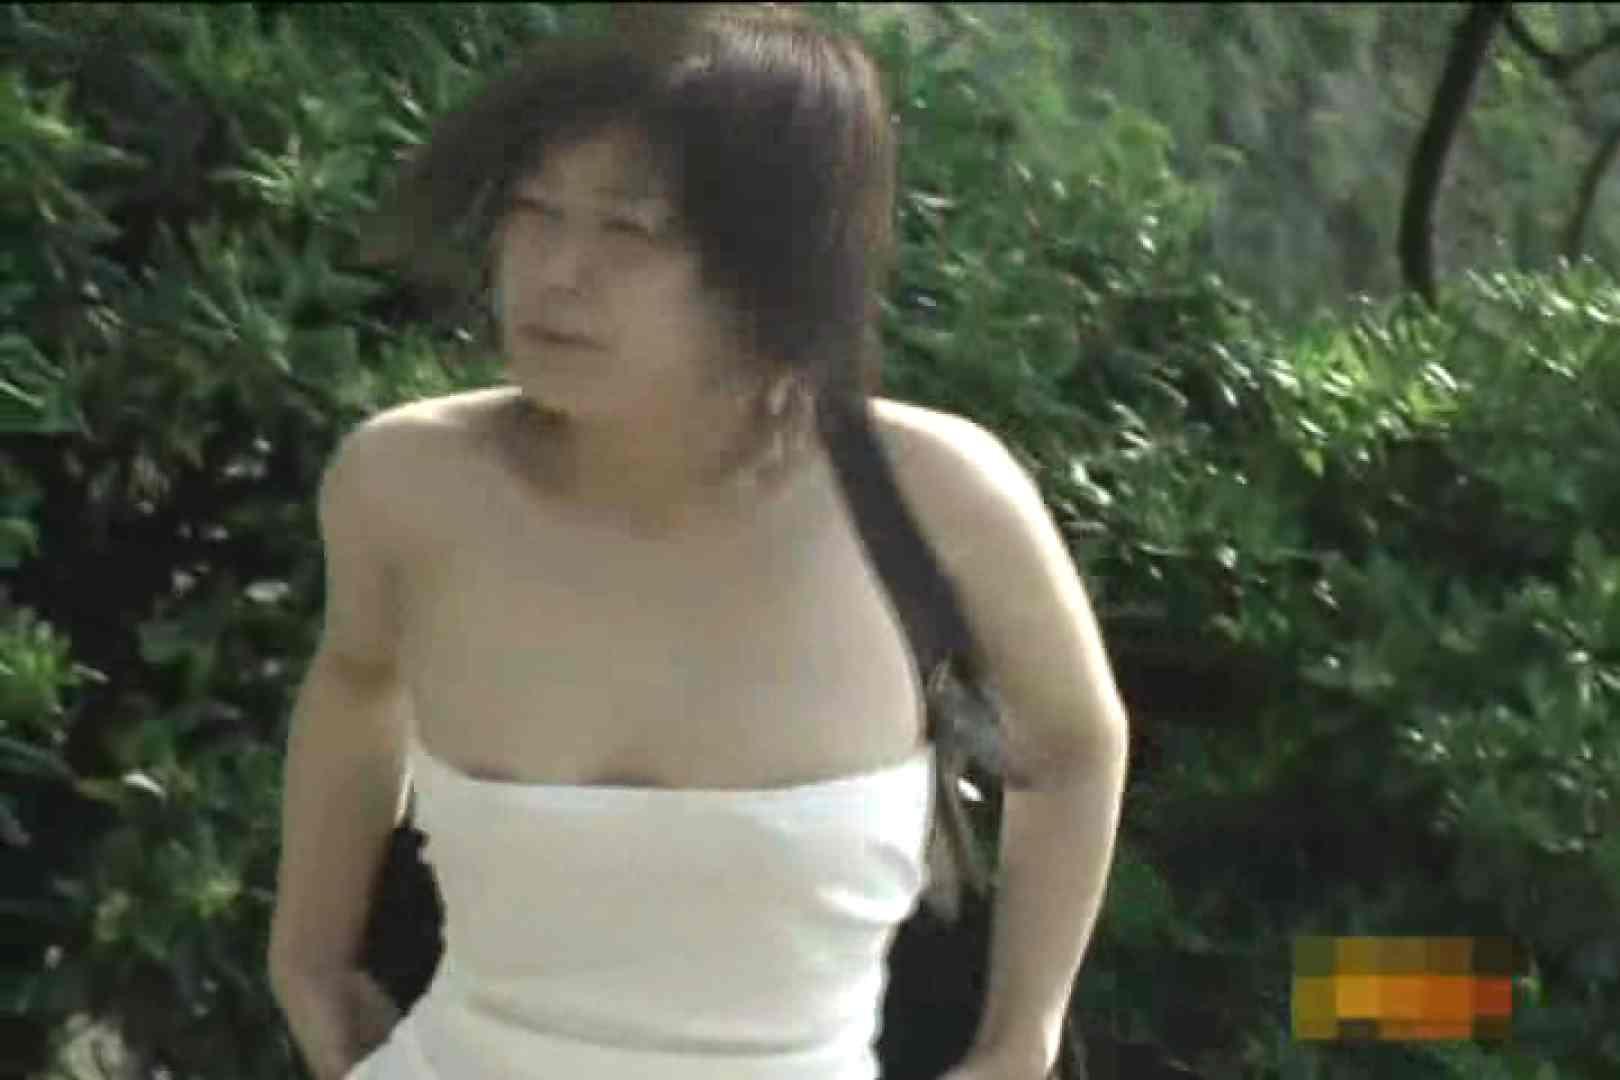 大胆露出胸チラギャル大量発生中!!Vol.1 乳首 オメコ動画キャプチャ 98画像 40